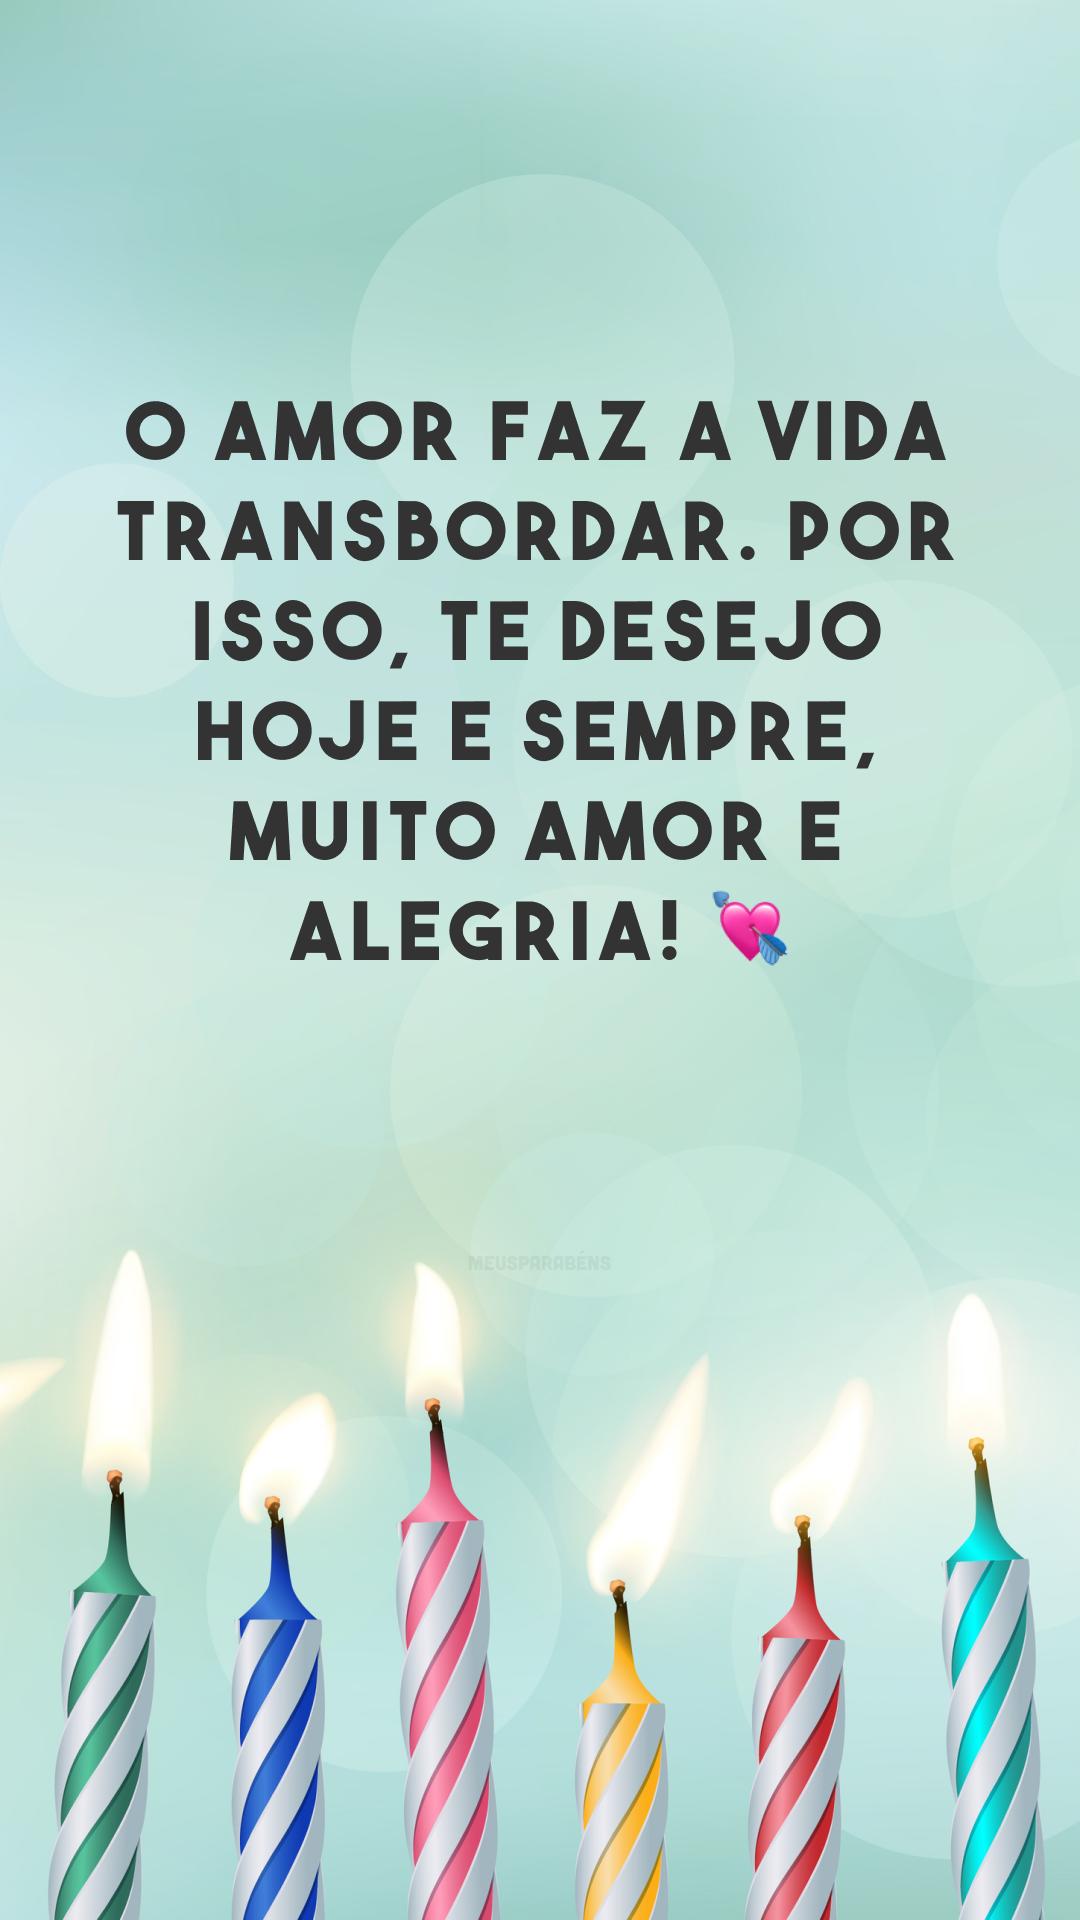 O amor faz a vida transbordar. Por isso, te desejo hoje e sempre, muito amor e alegria! 💘